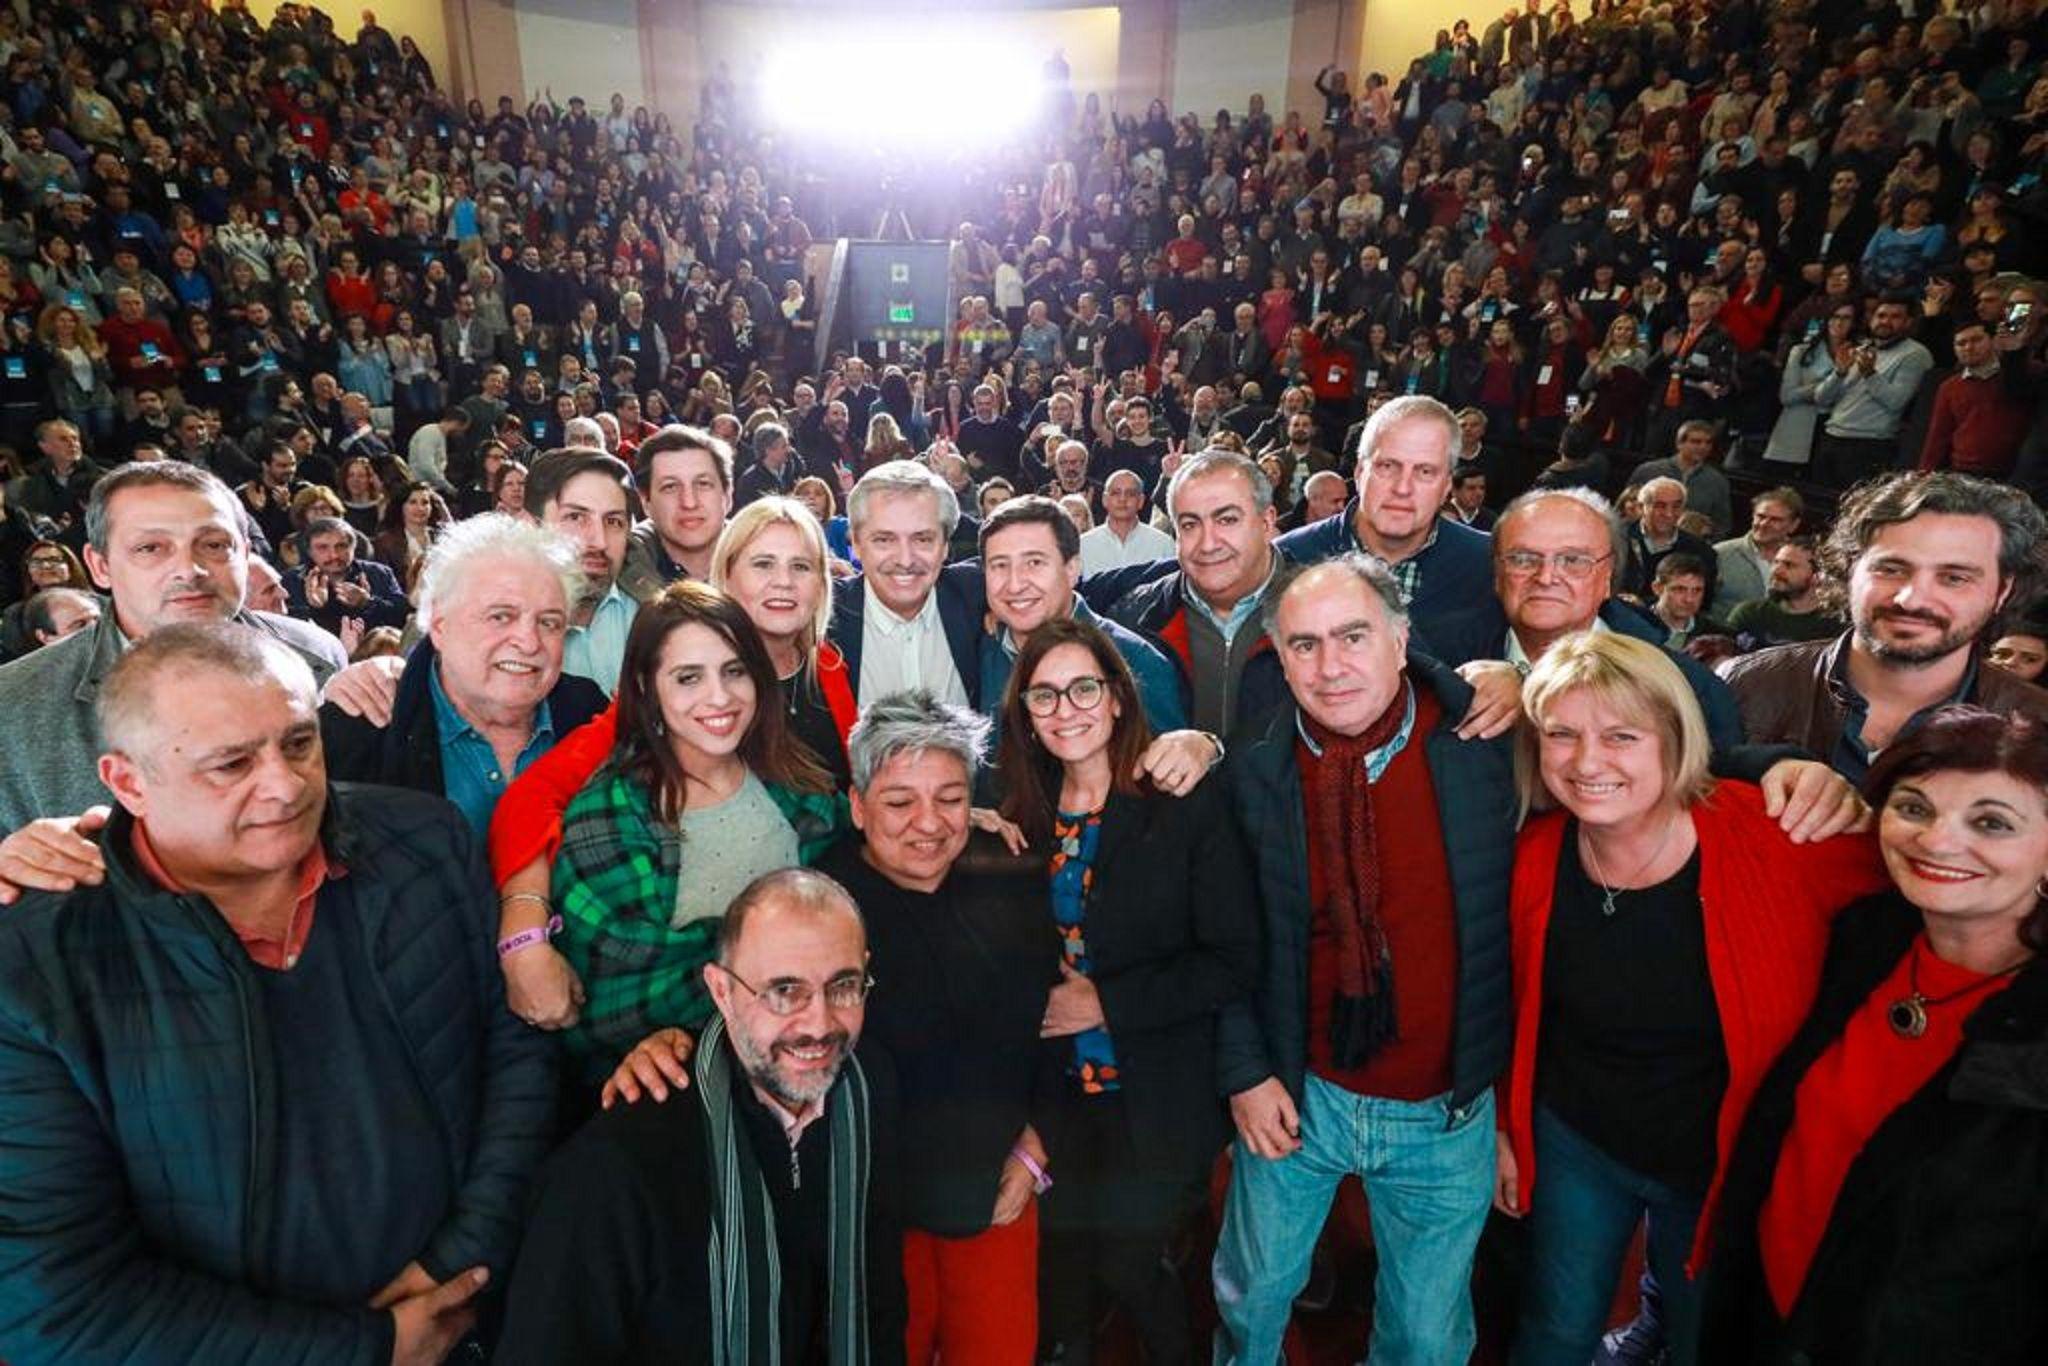 Alberto Fernández propuso un acuerdo entre todos para reactivar la economía